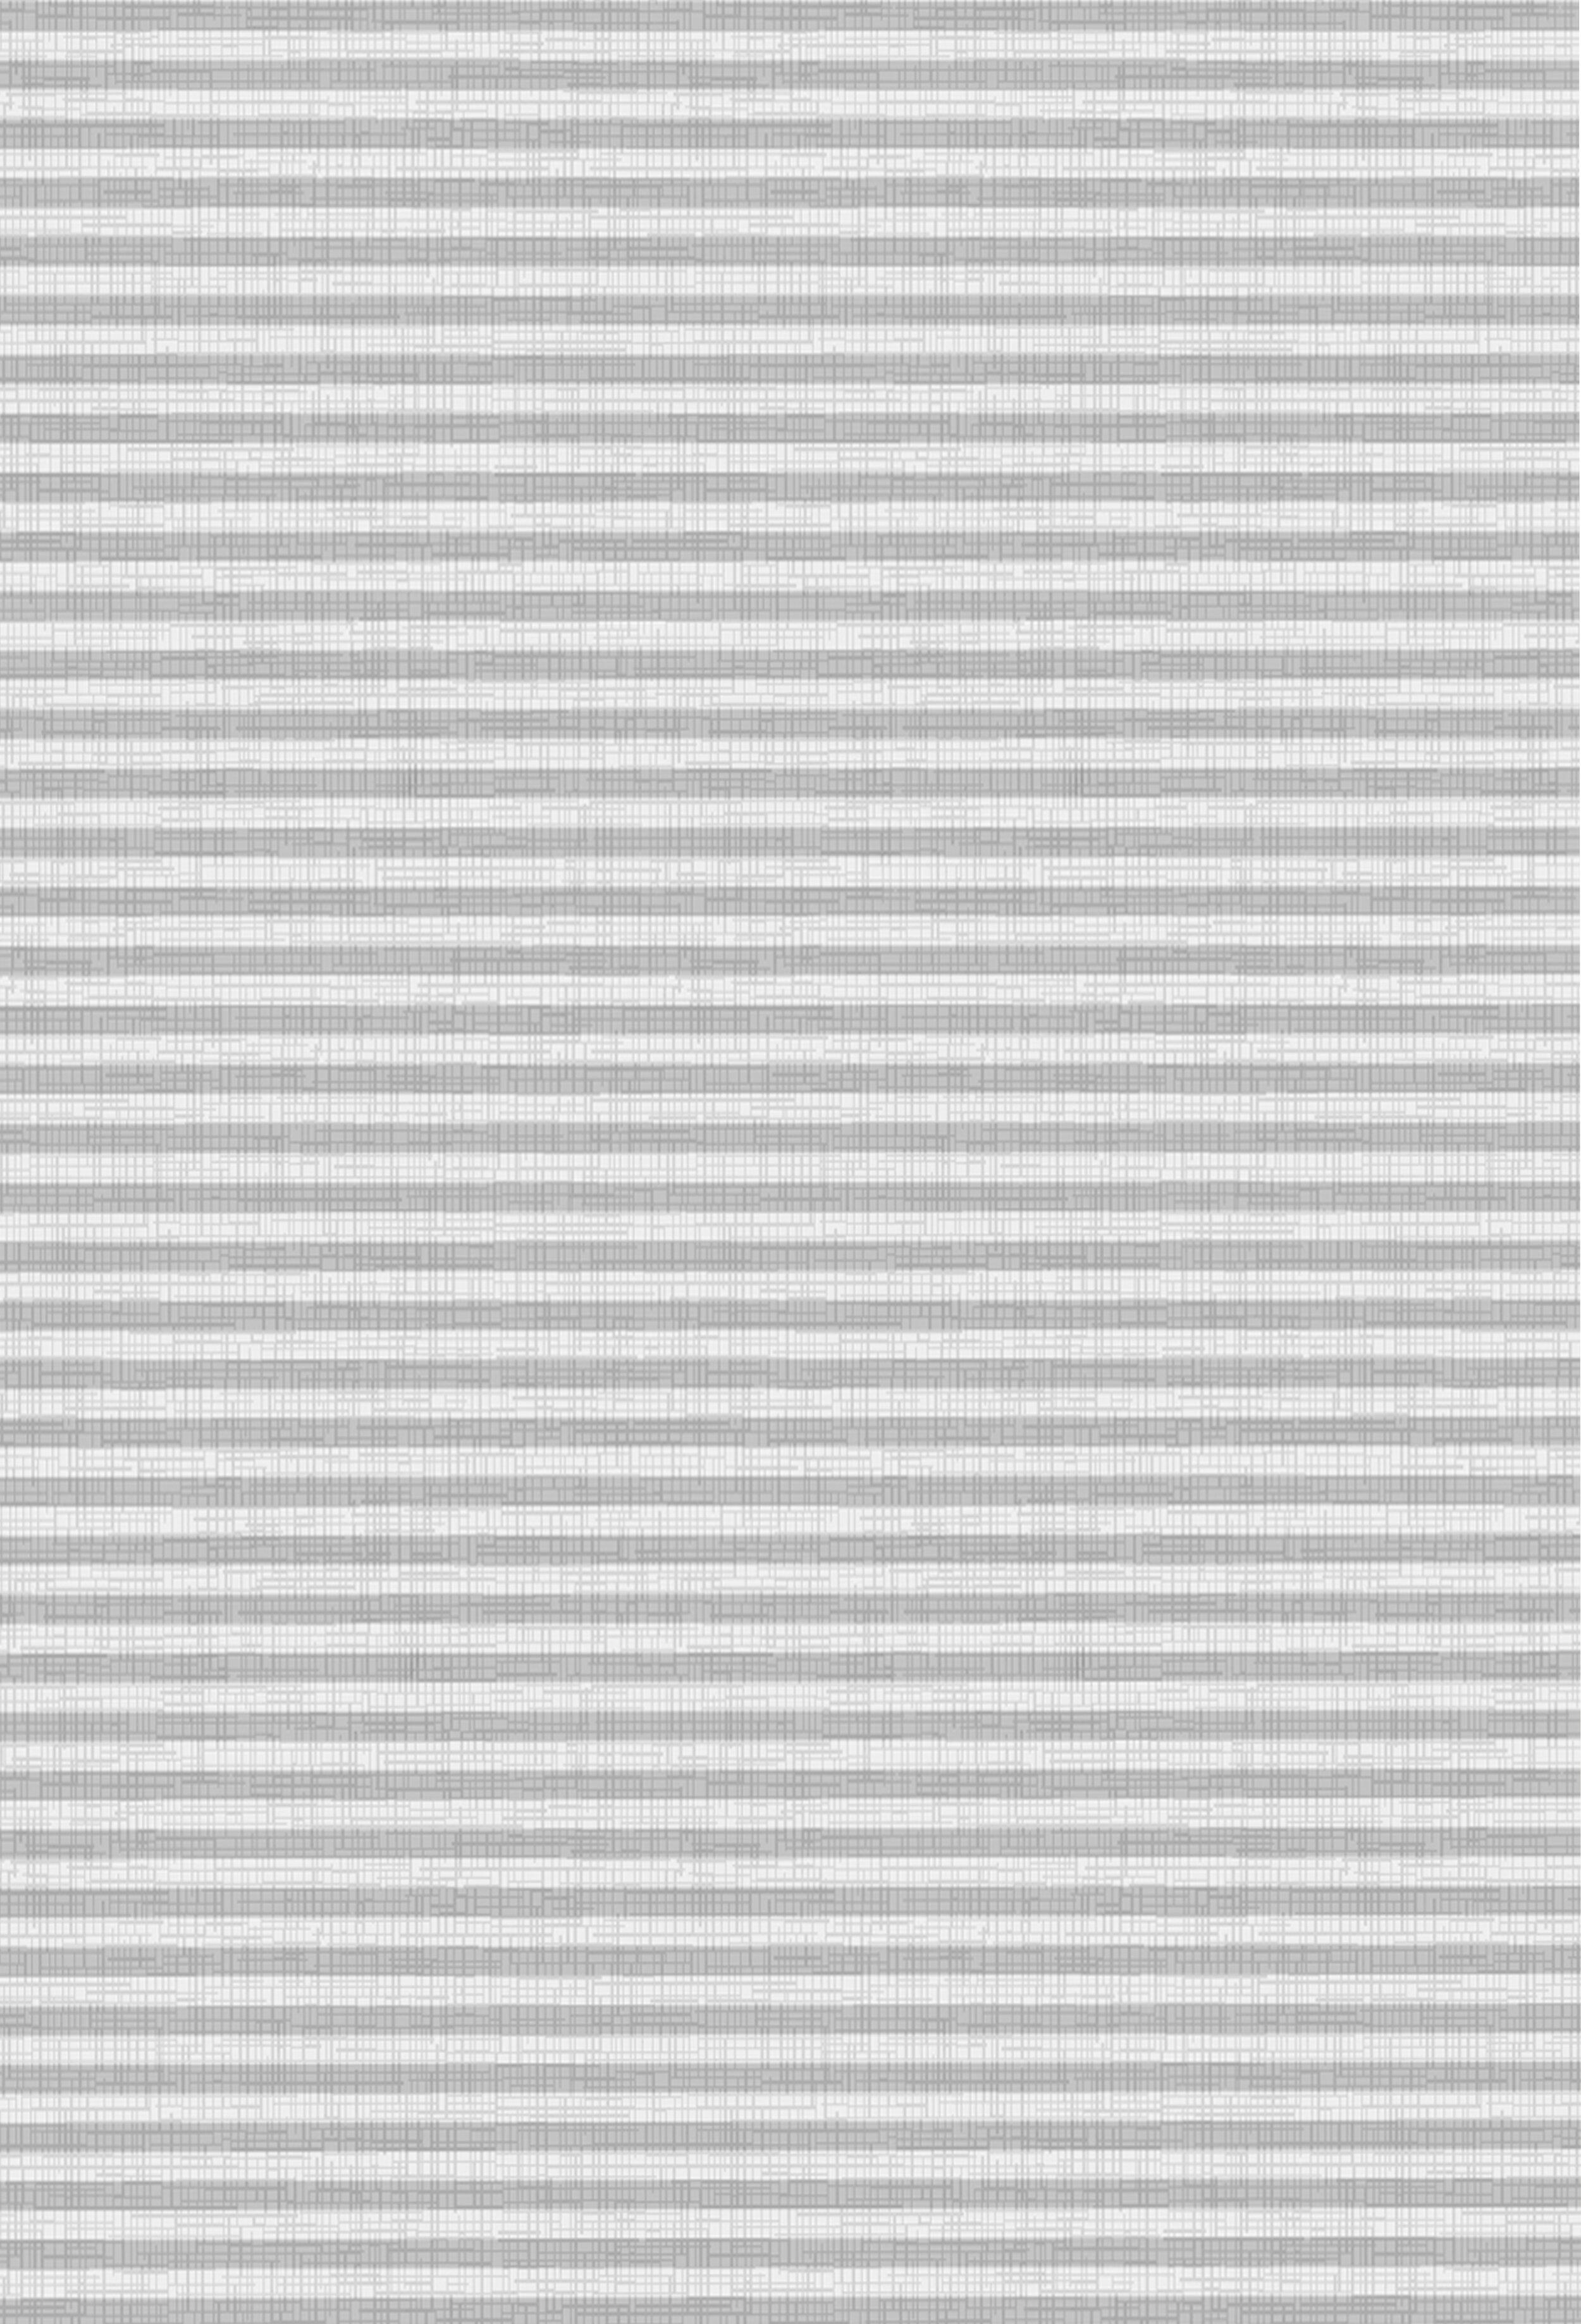 PG3 6061 (полупрозрачная)